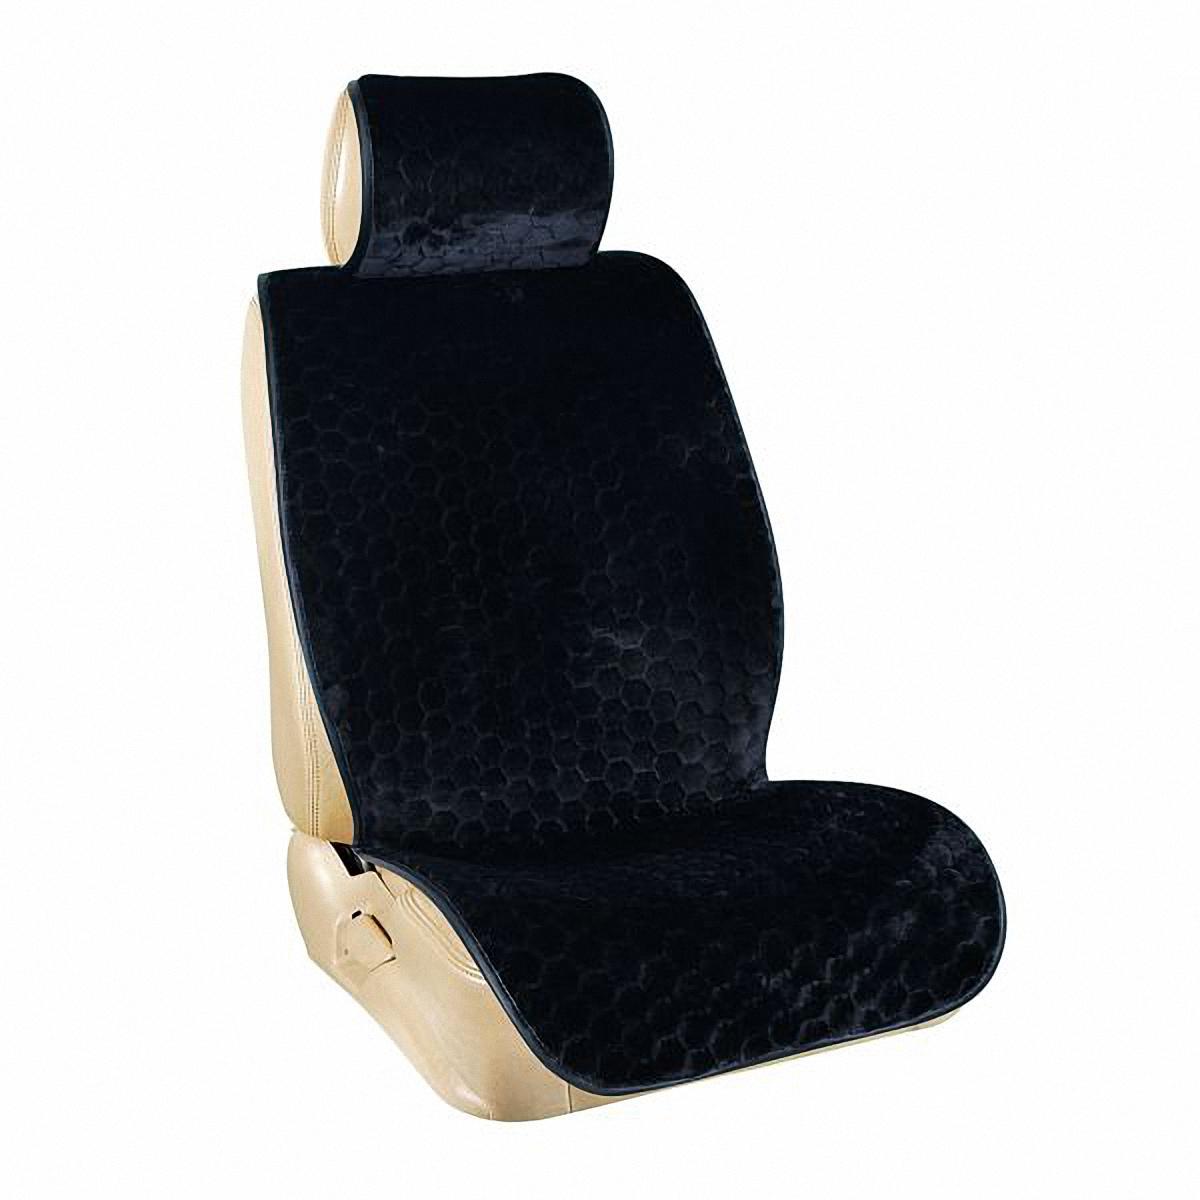 Накидка на сиденье Skyway, цвет: черный. S03001027CA-3505Накидка на сиденье Skyway - это изящное сочетание стиля и качества. Выполненные из искусственного меха они расслабляют мышцы спины при поездке, благотворно влияя на позвоночник. Так просто получить ощущение легкого массажа. С ними салон становится уютнее, а сами сидения - удобнее.